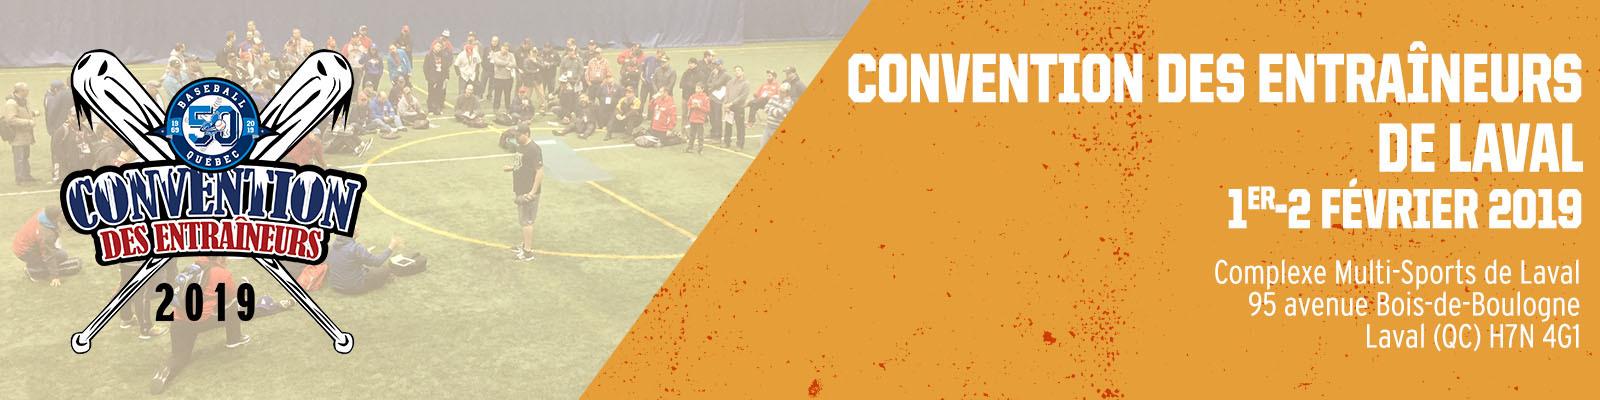 Convention des entraîneurs de Laval 2019